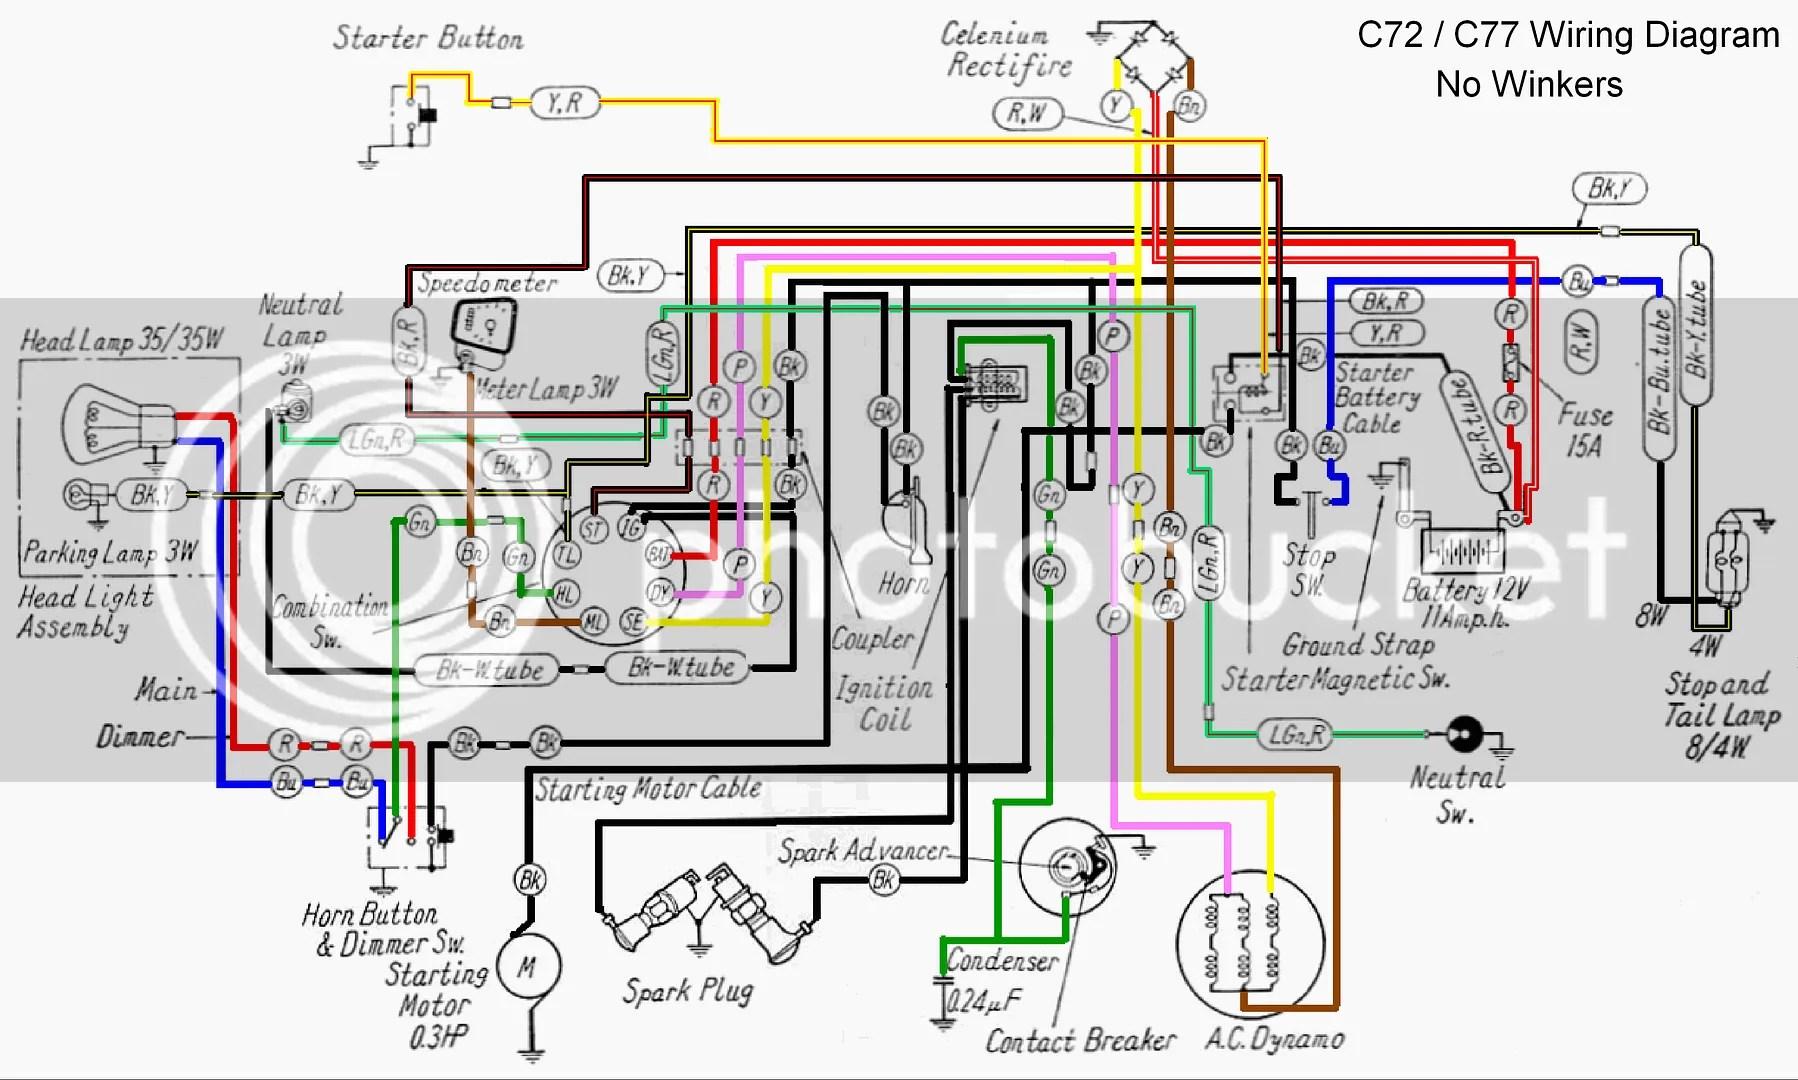 ca77 wiring diagram wiring diagram schemes gl1100 wiring diagram honda cl77 wiring diagram [ 3297 x 1980 Pixel ]